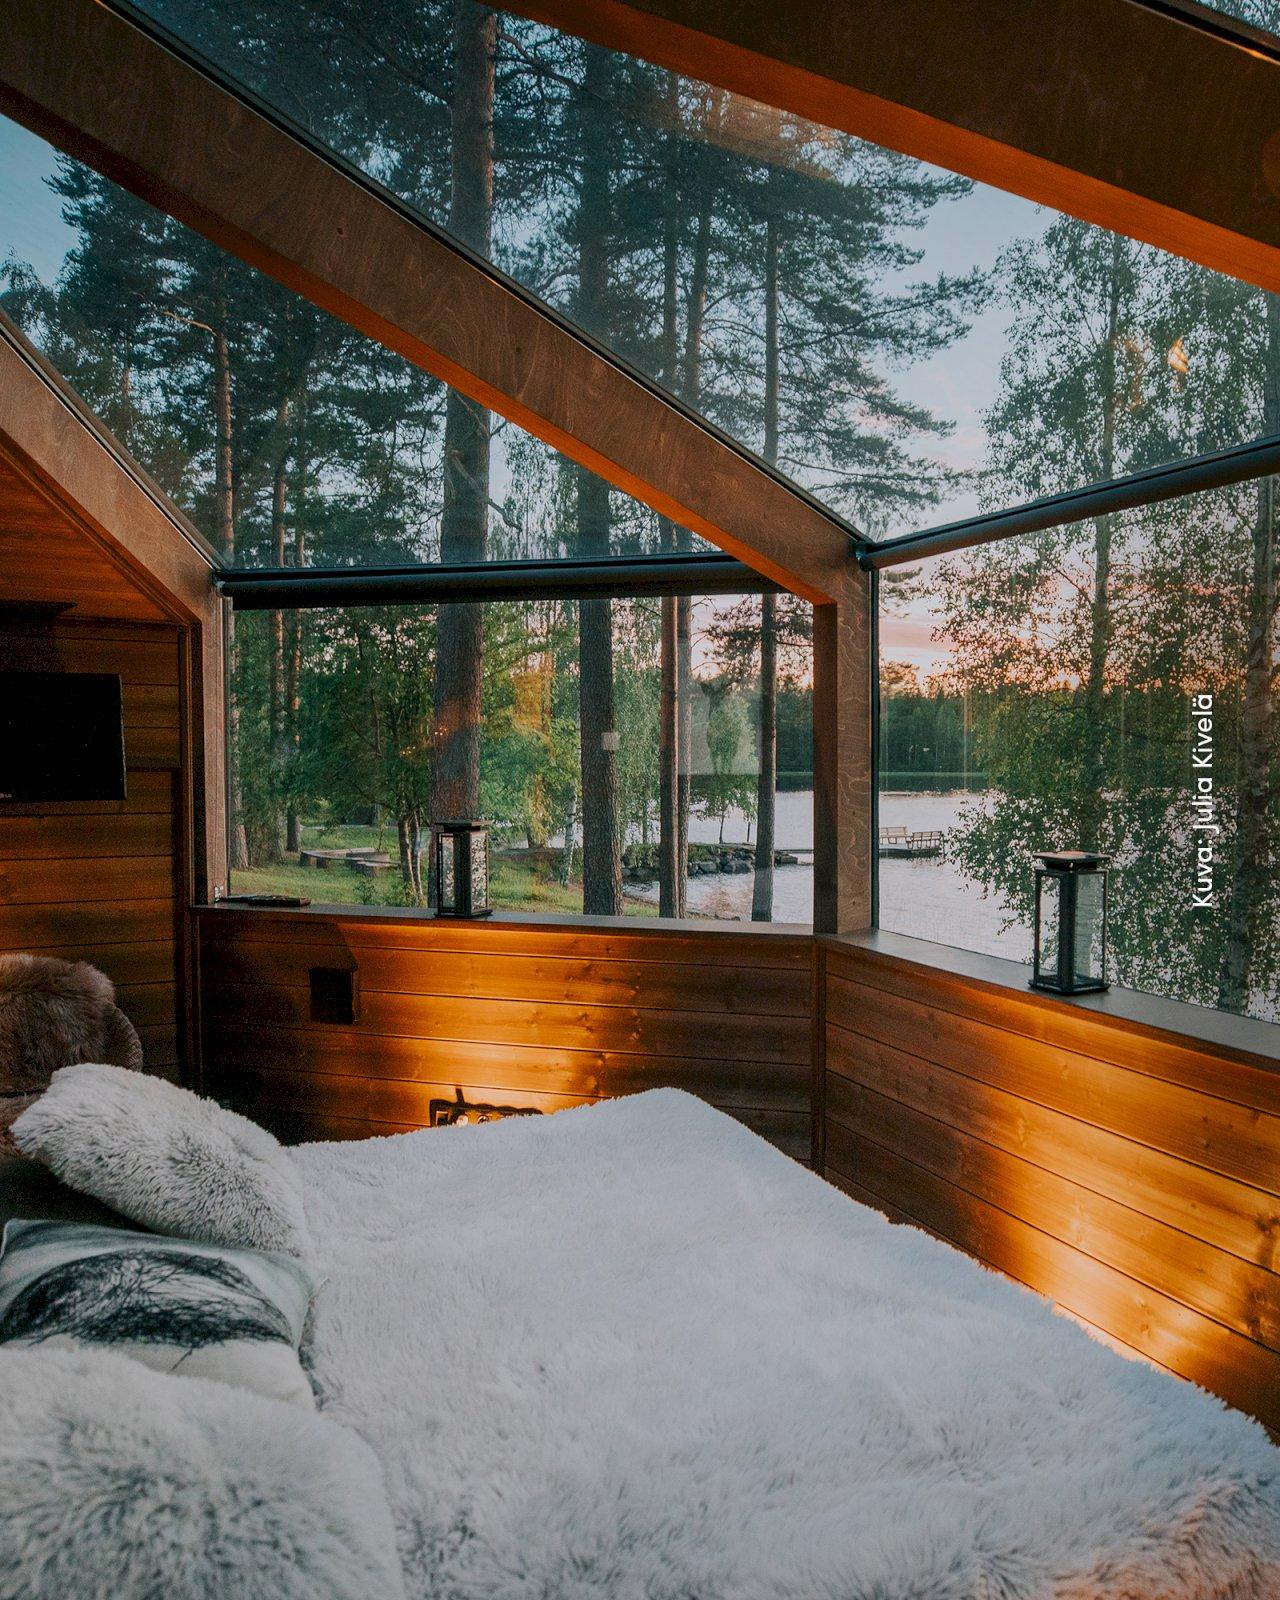 Revontuli Resortin lasikattoinen iglu-majoitus järvimaisemalla.